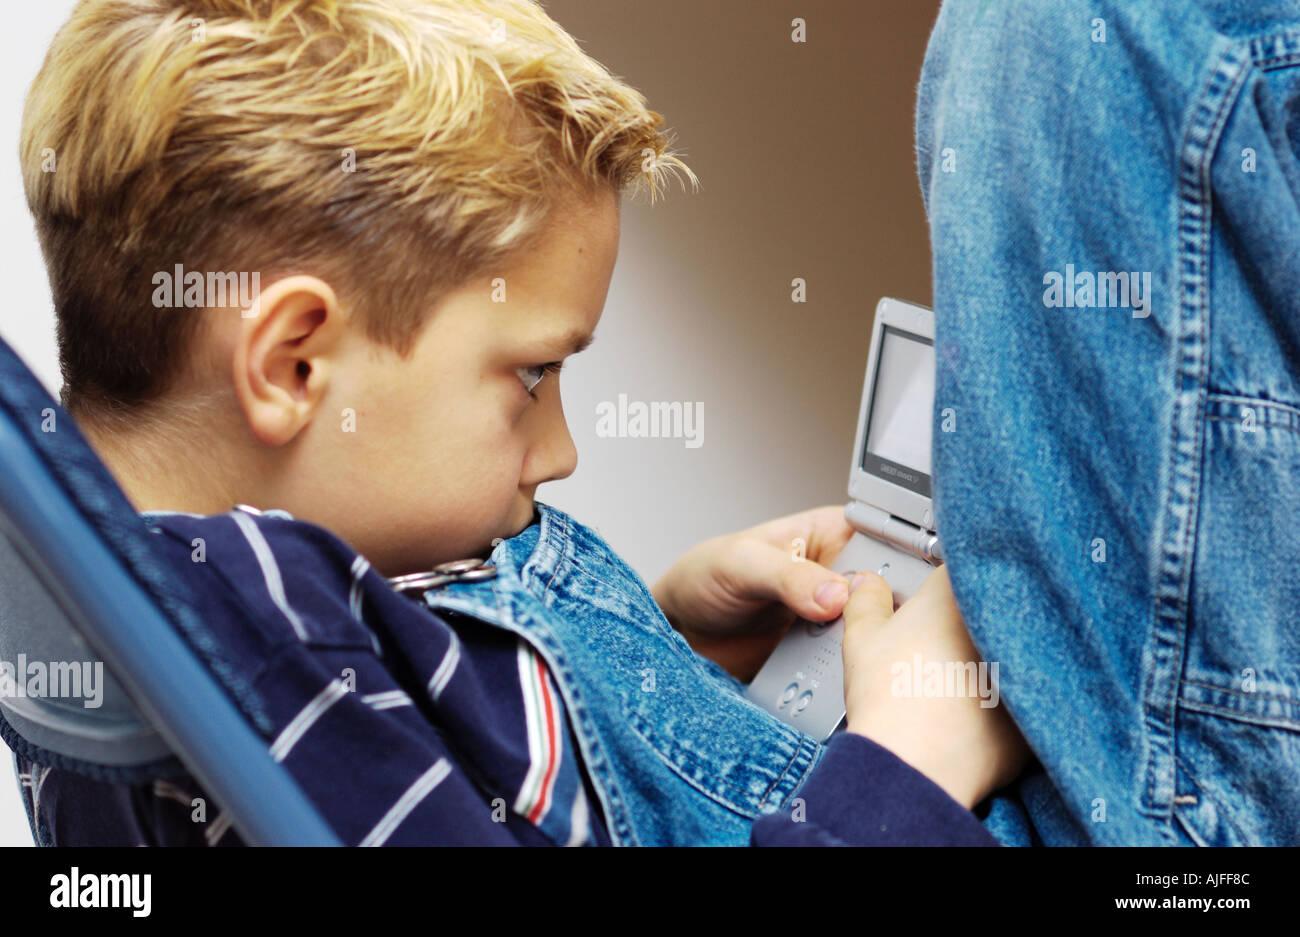 Jeune garçon se concentrant sur le jeu vidéo Photo Stock